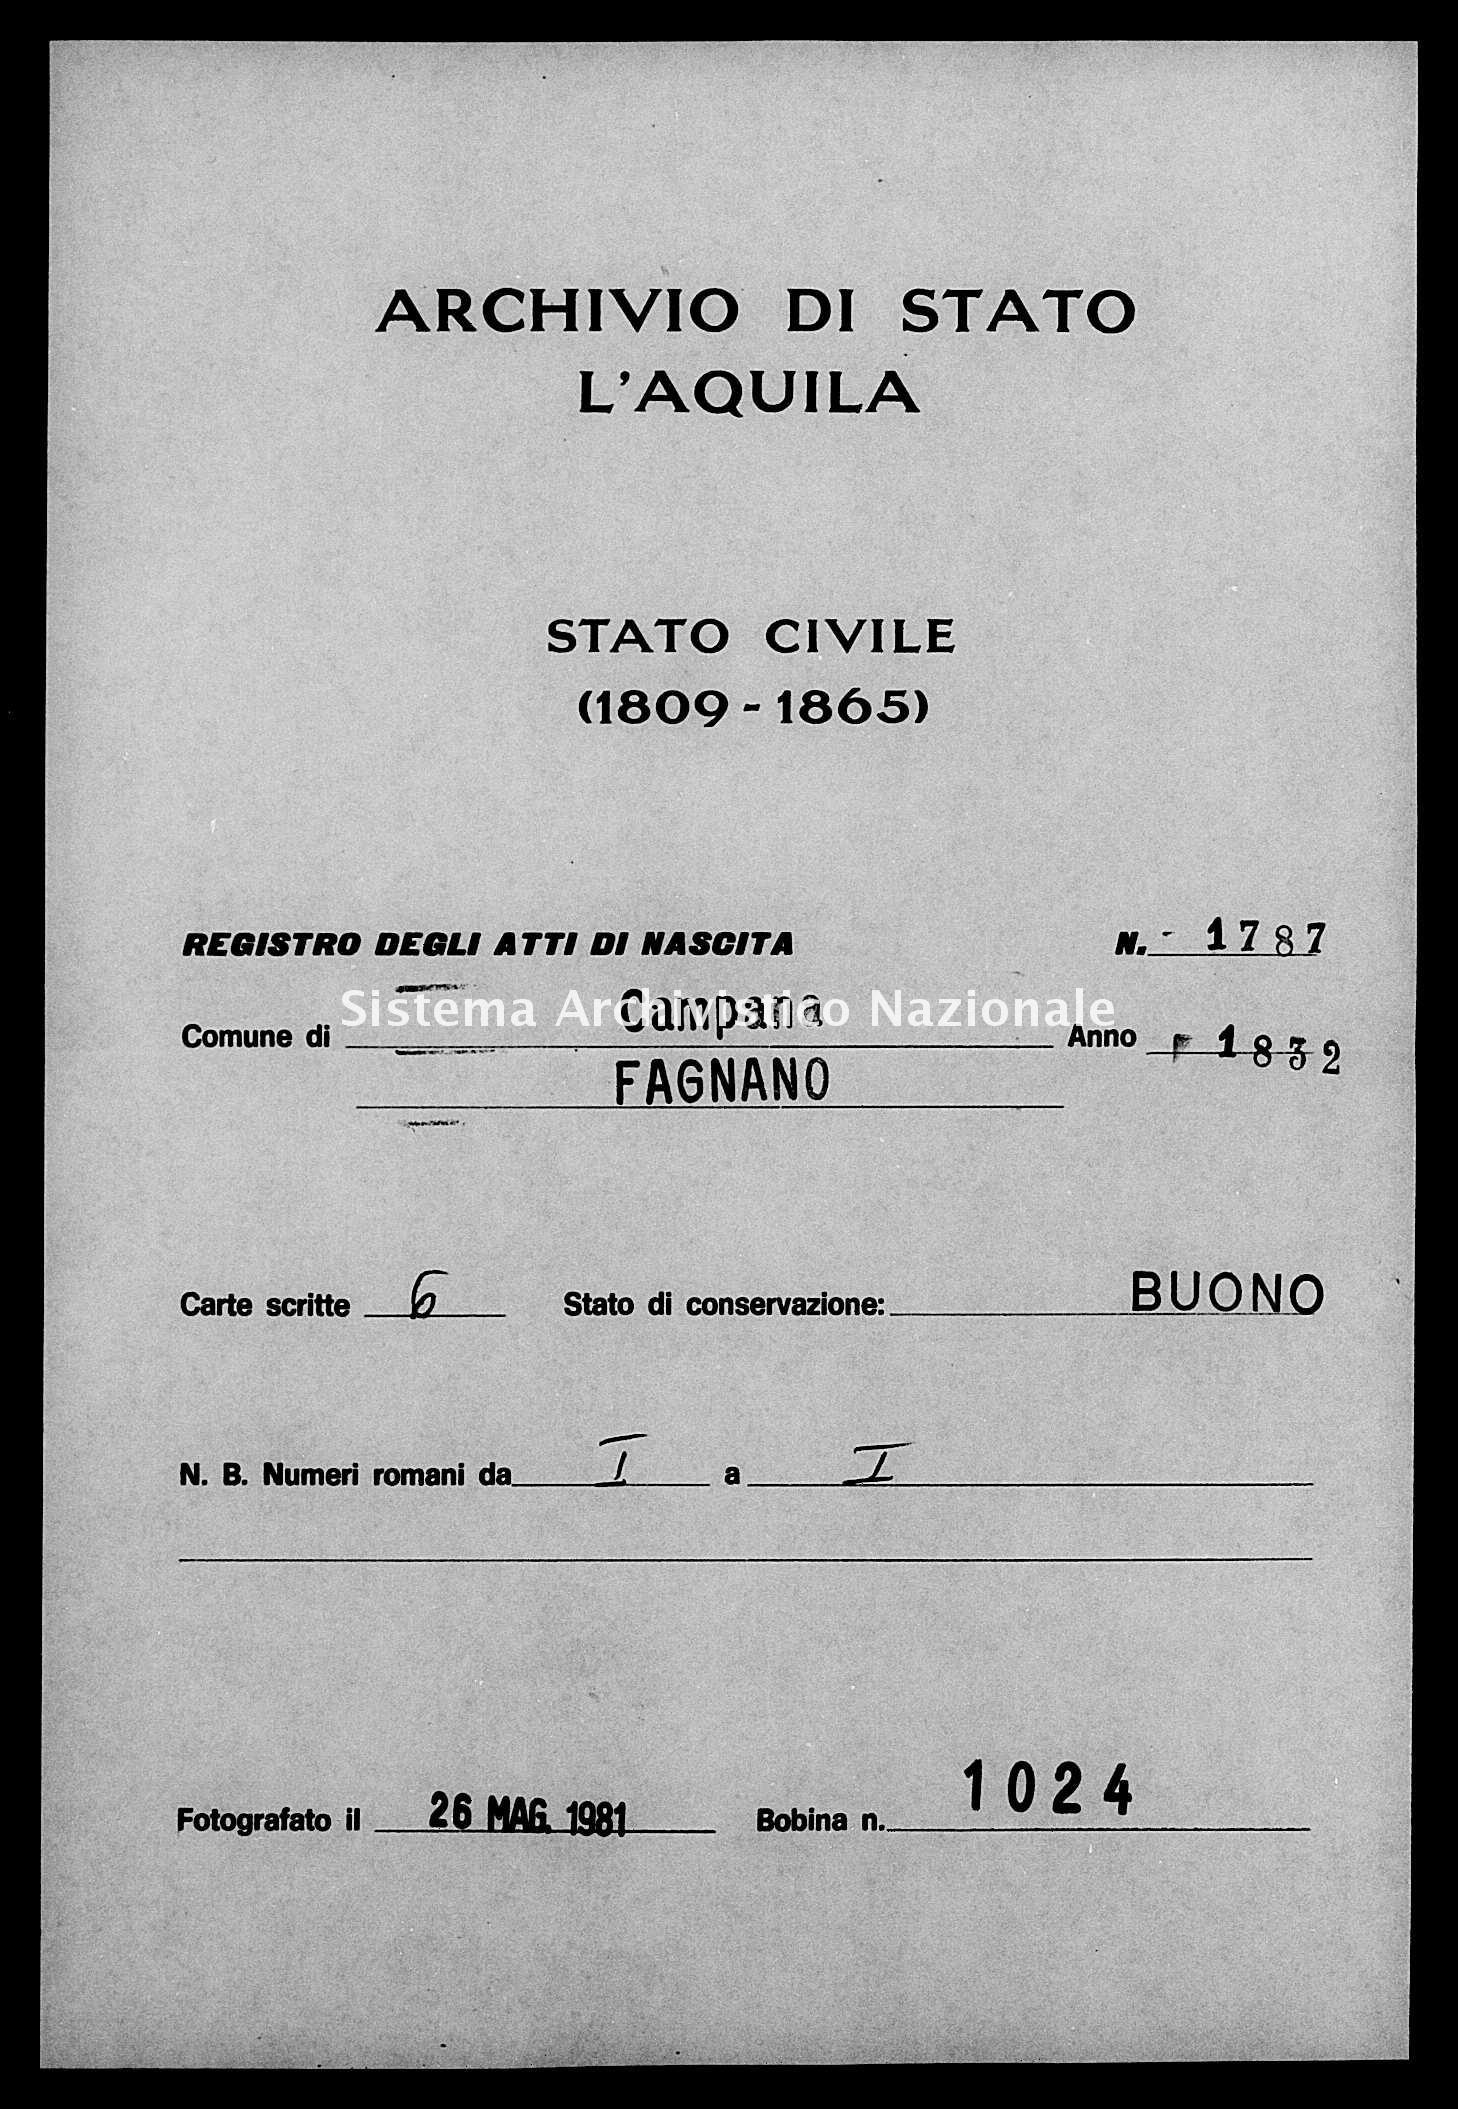 Archivio di stato di L'aquila - Stato civile della restaurazione - Campana - Nati - 1832 - 1787 -